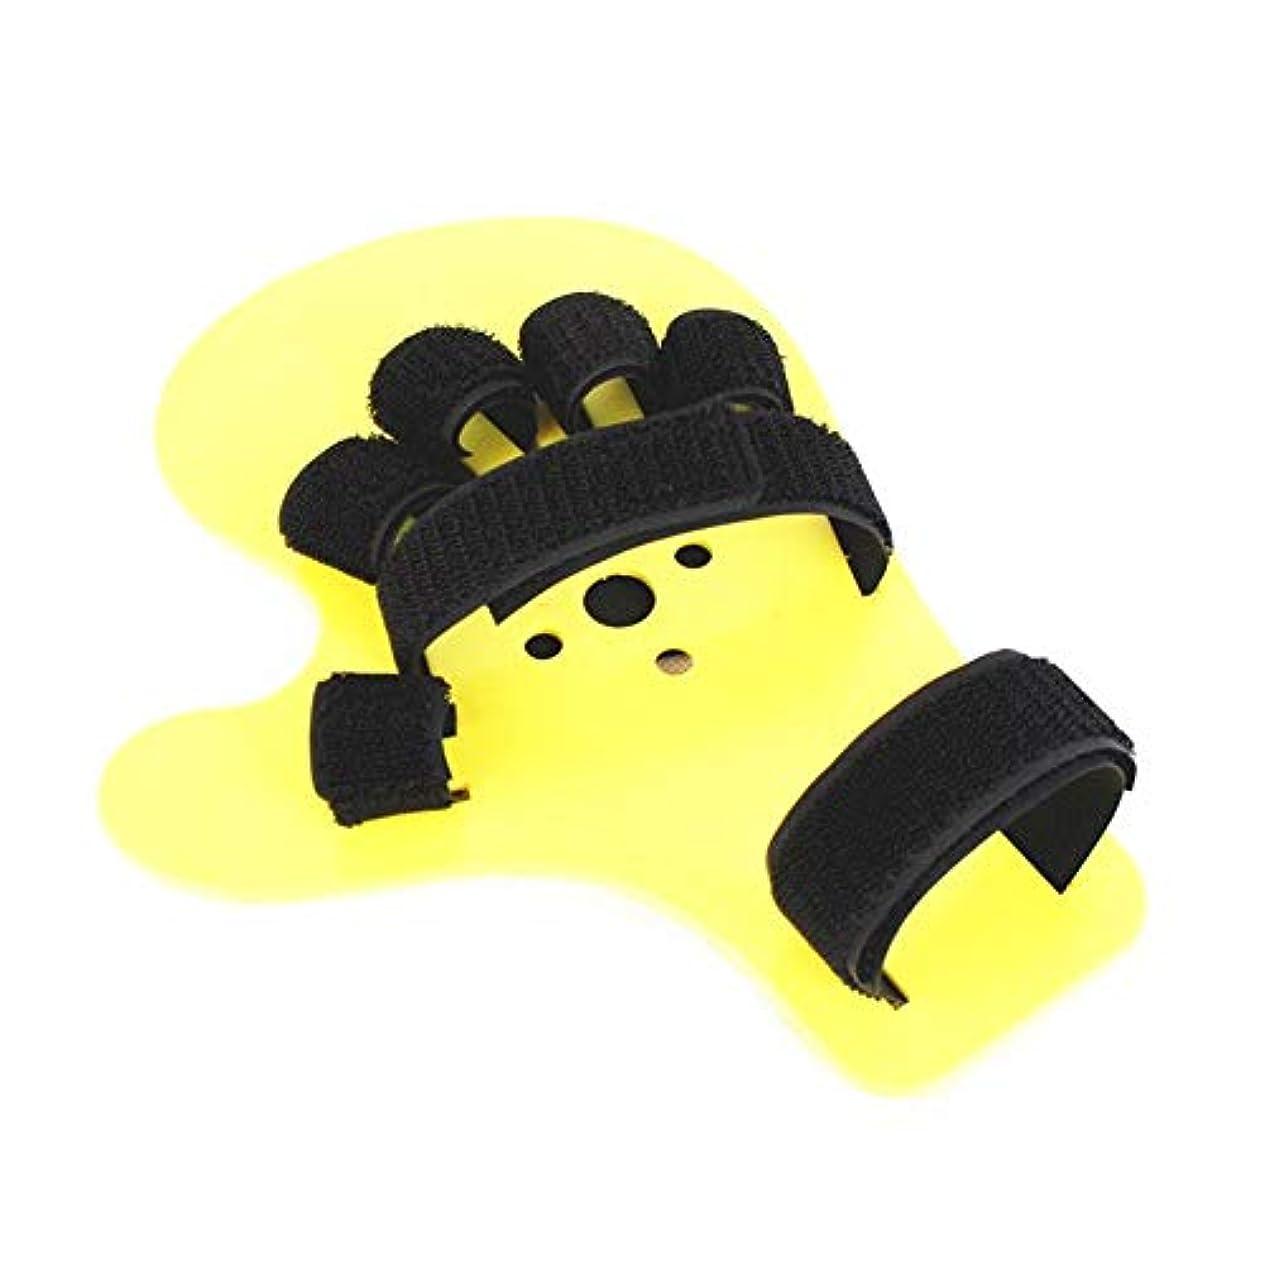 トランザクション印象的な充電指の固定板、圧力指板分離器、ABS調節可能な大人の指の装具指先/片麻痺/